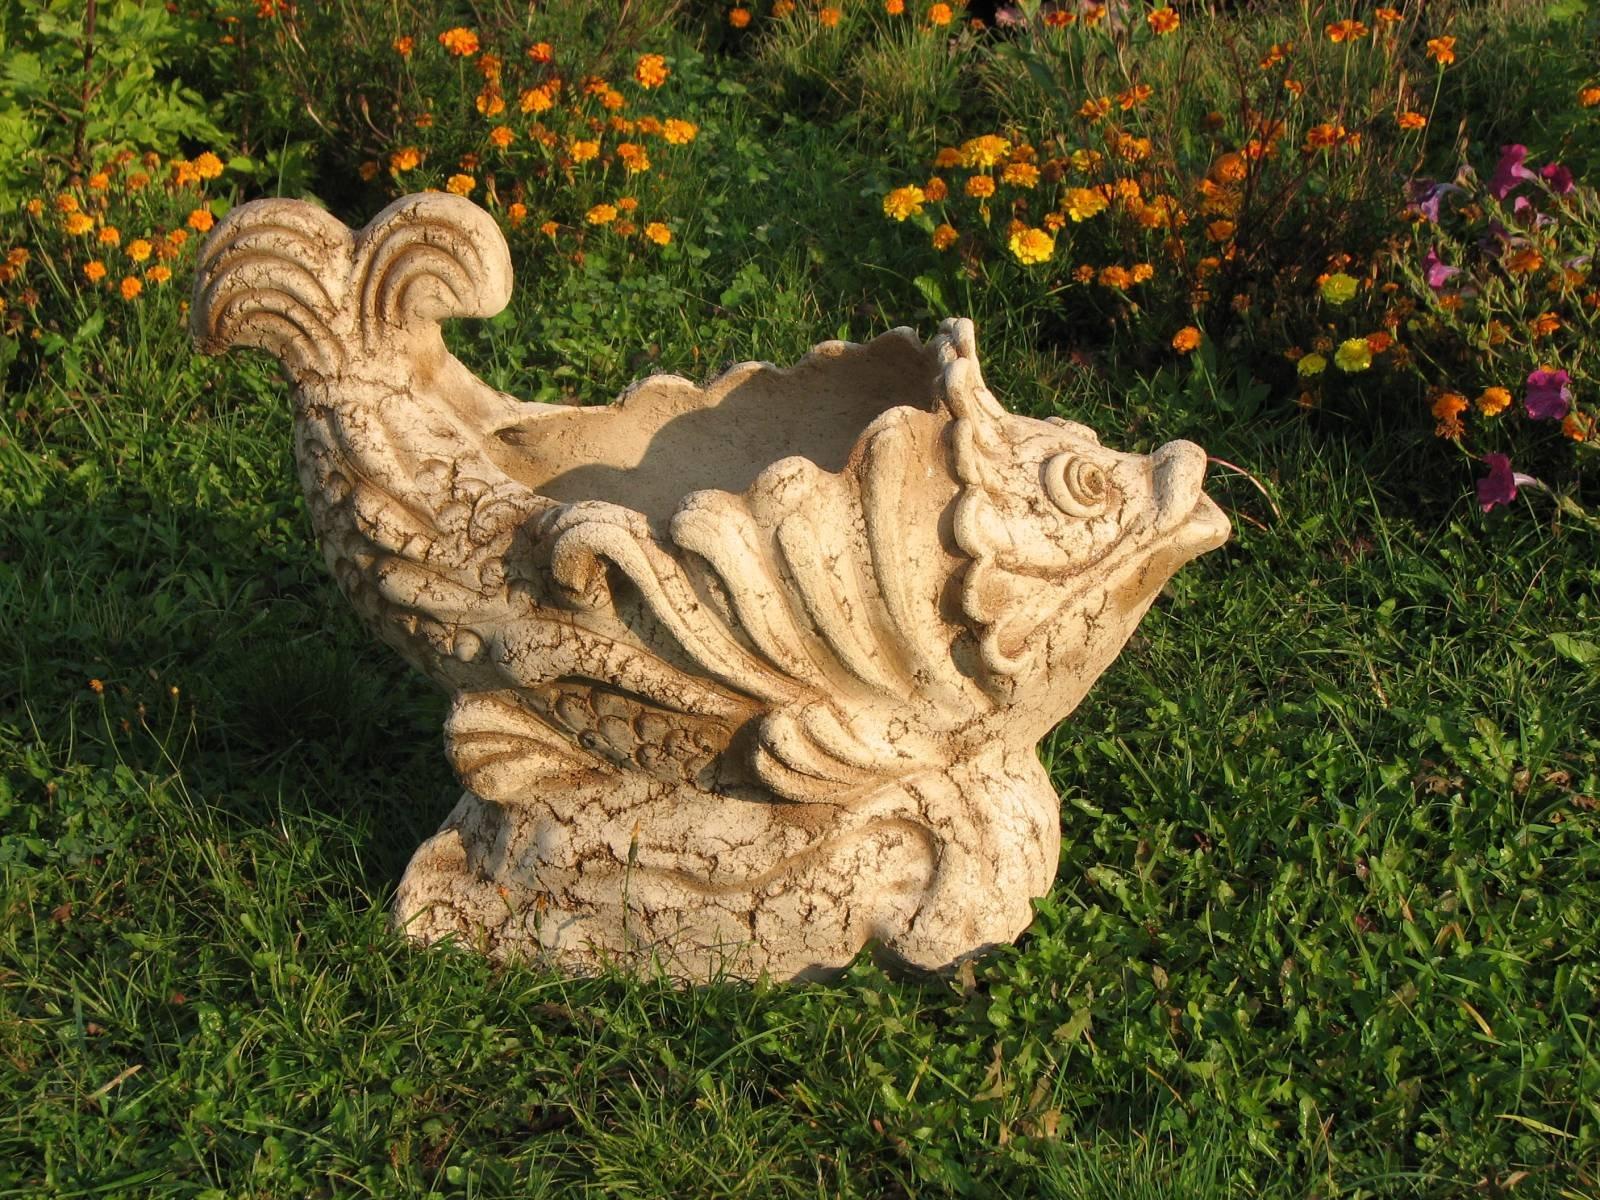 Как можно изготовить своими руками садовые фигуры из гипса и бетона